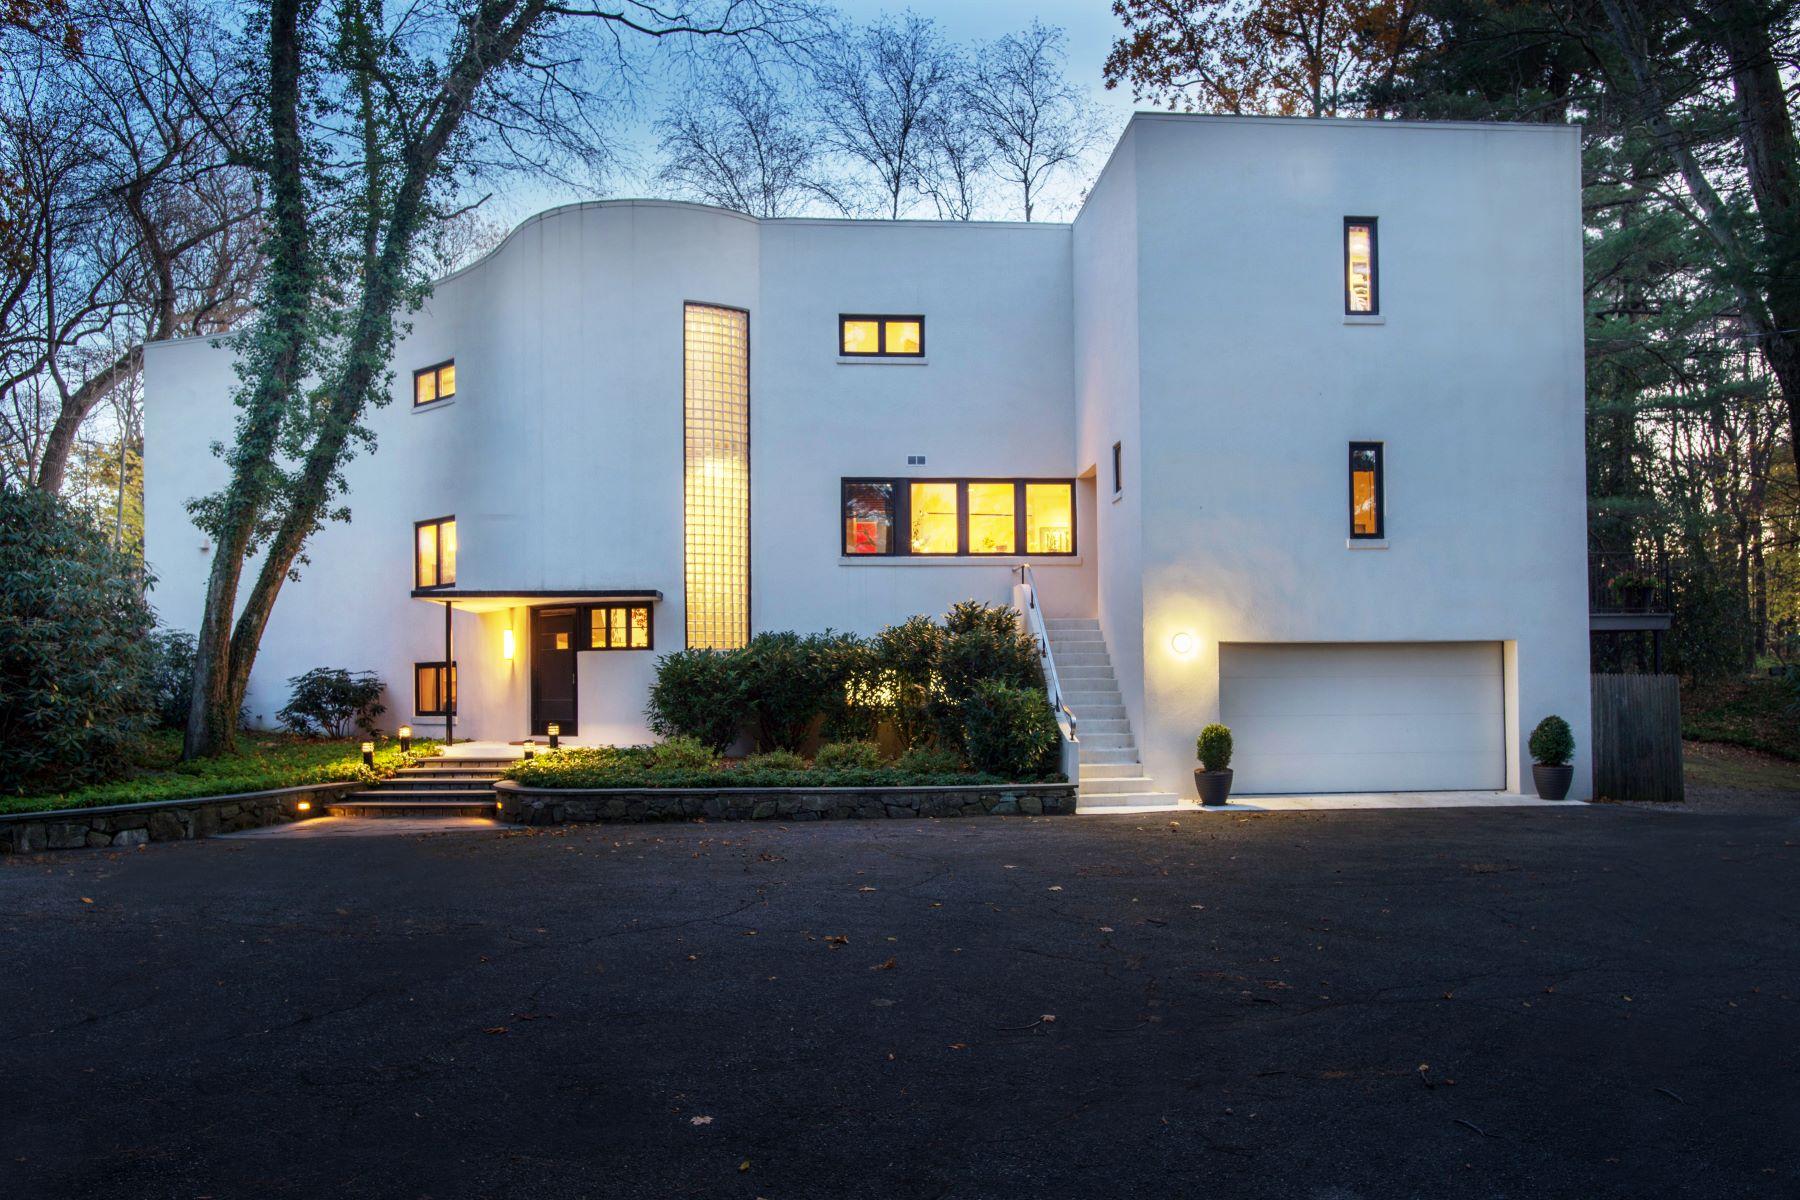 独户住宅 为 销售 在 27 Tory Hole Road 达连湾, 康涅狄格州, 06820 美国